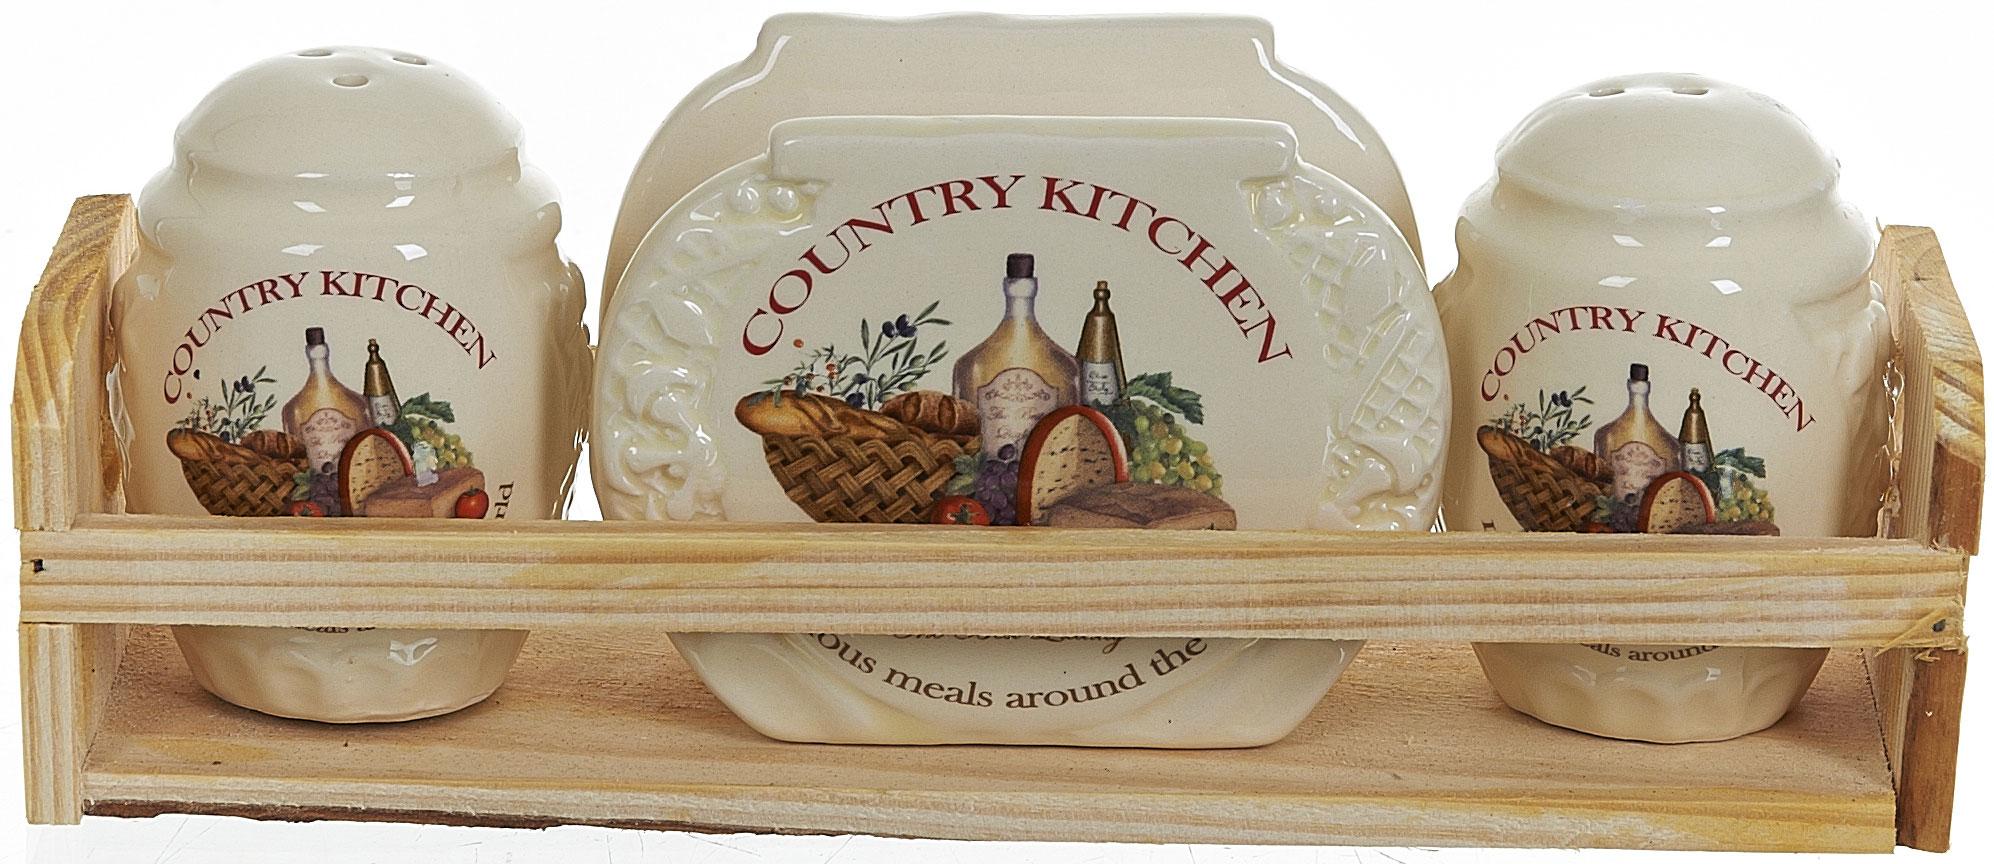 Набор для специй Polystar Country Kitchen, 4 предметаFD-59Набор для специй и салфетница Country Kitchen выполнены из высококачественной керамики, на деревянной подставке. Благодаря своим компактным размерам не займет много места на вашей кухне. Солонка, перечница и салфетница декорированы оригинальным рисунком. Набор Country Kitchen станет отличным подарком каждой хозяйке.